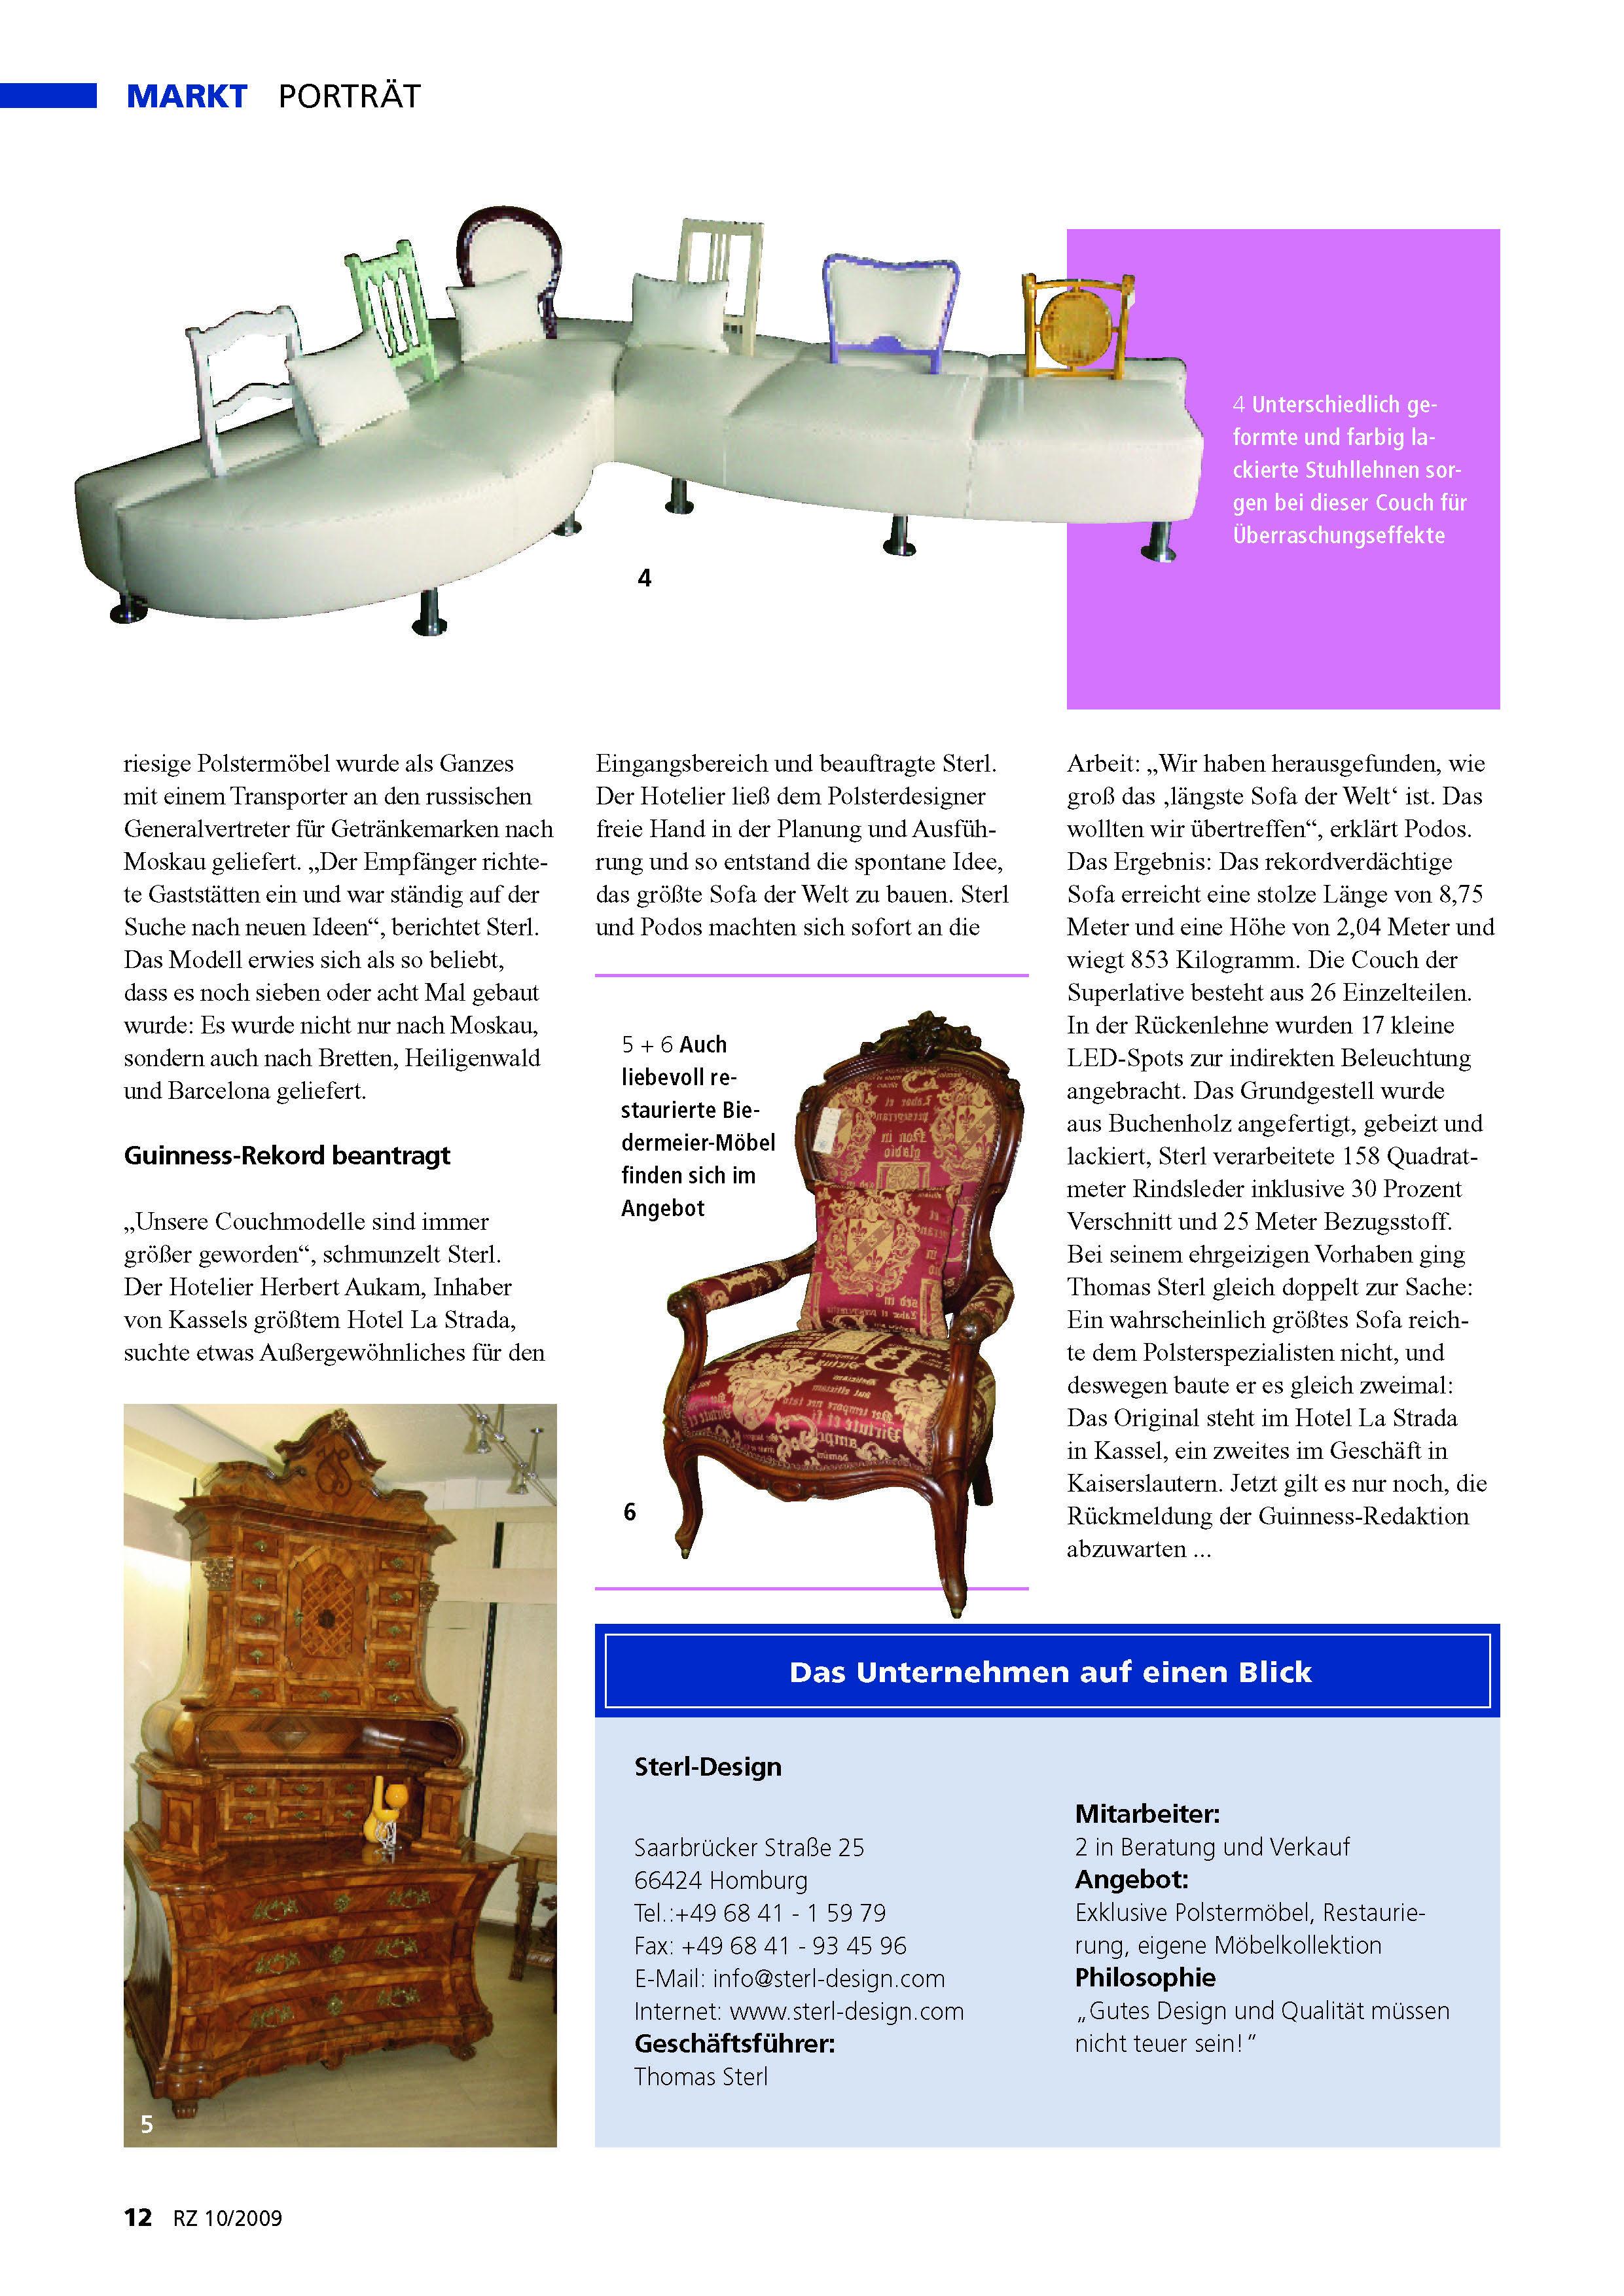 RZ Zeitung 09-2009  Sterl Design_Seite_3.jpg